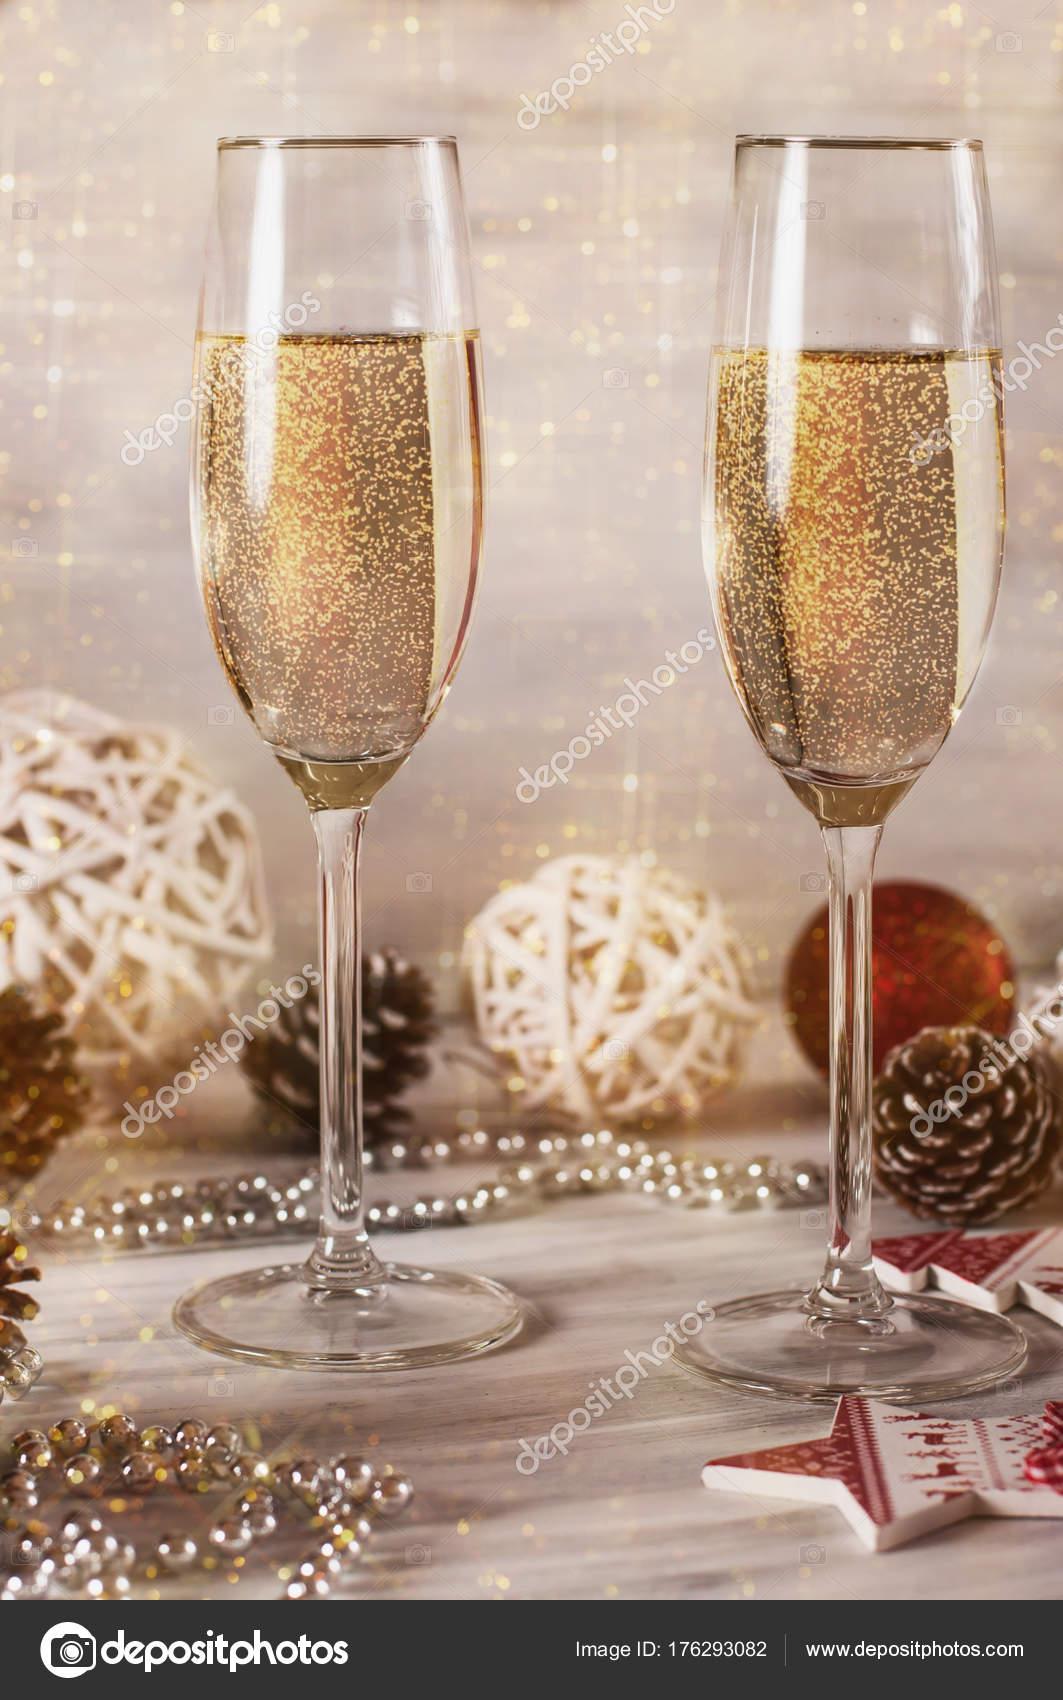 fee9443828 Γυαλιά Σαμπάνια Ξύλινο Λευκό Φόντο Διακοσμητικά Πρωτοχρονιά ...